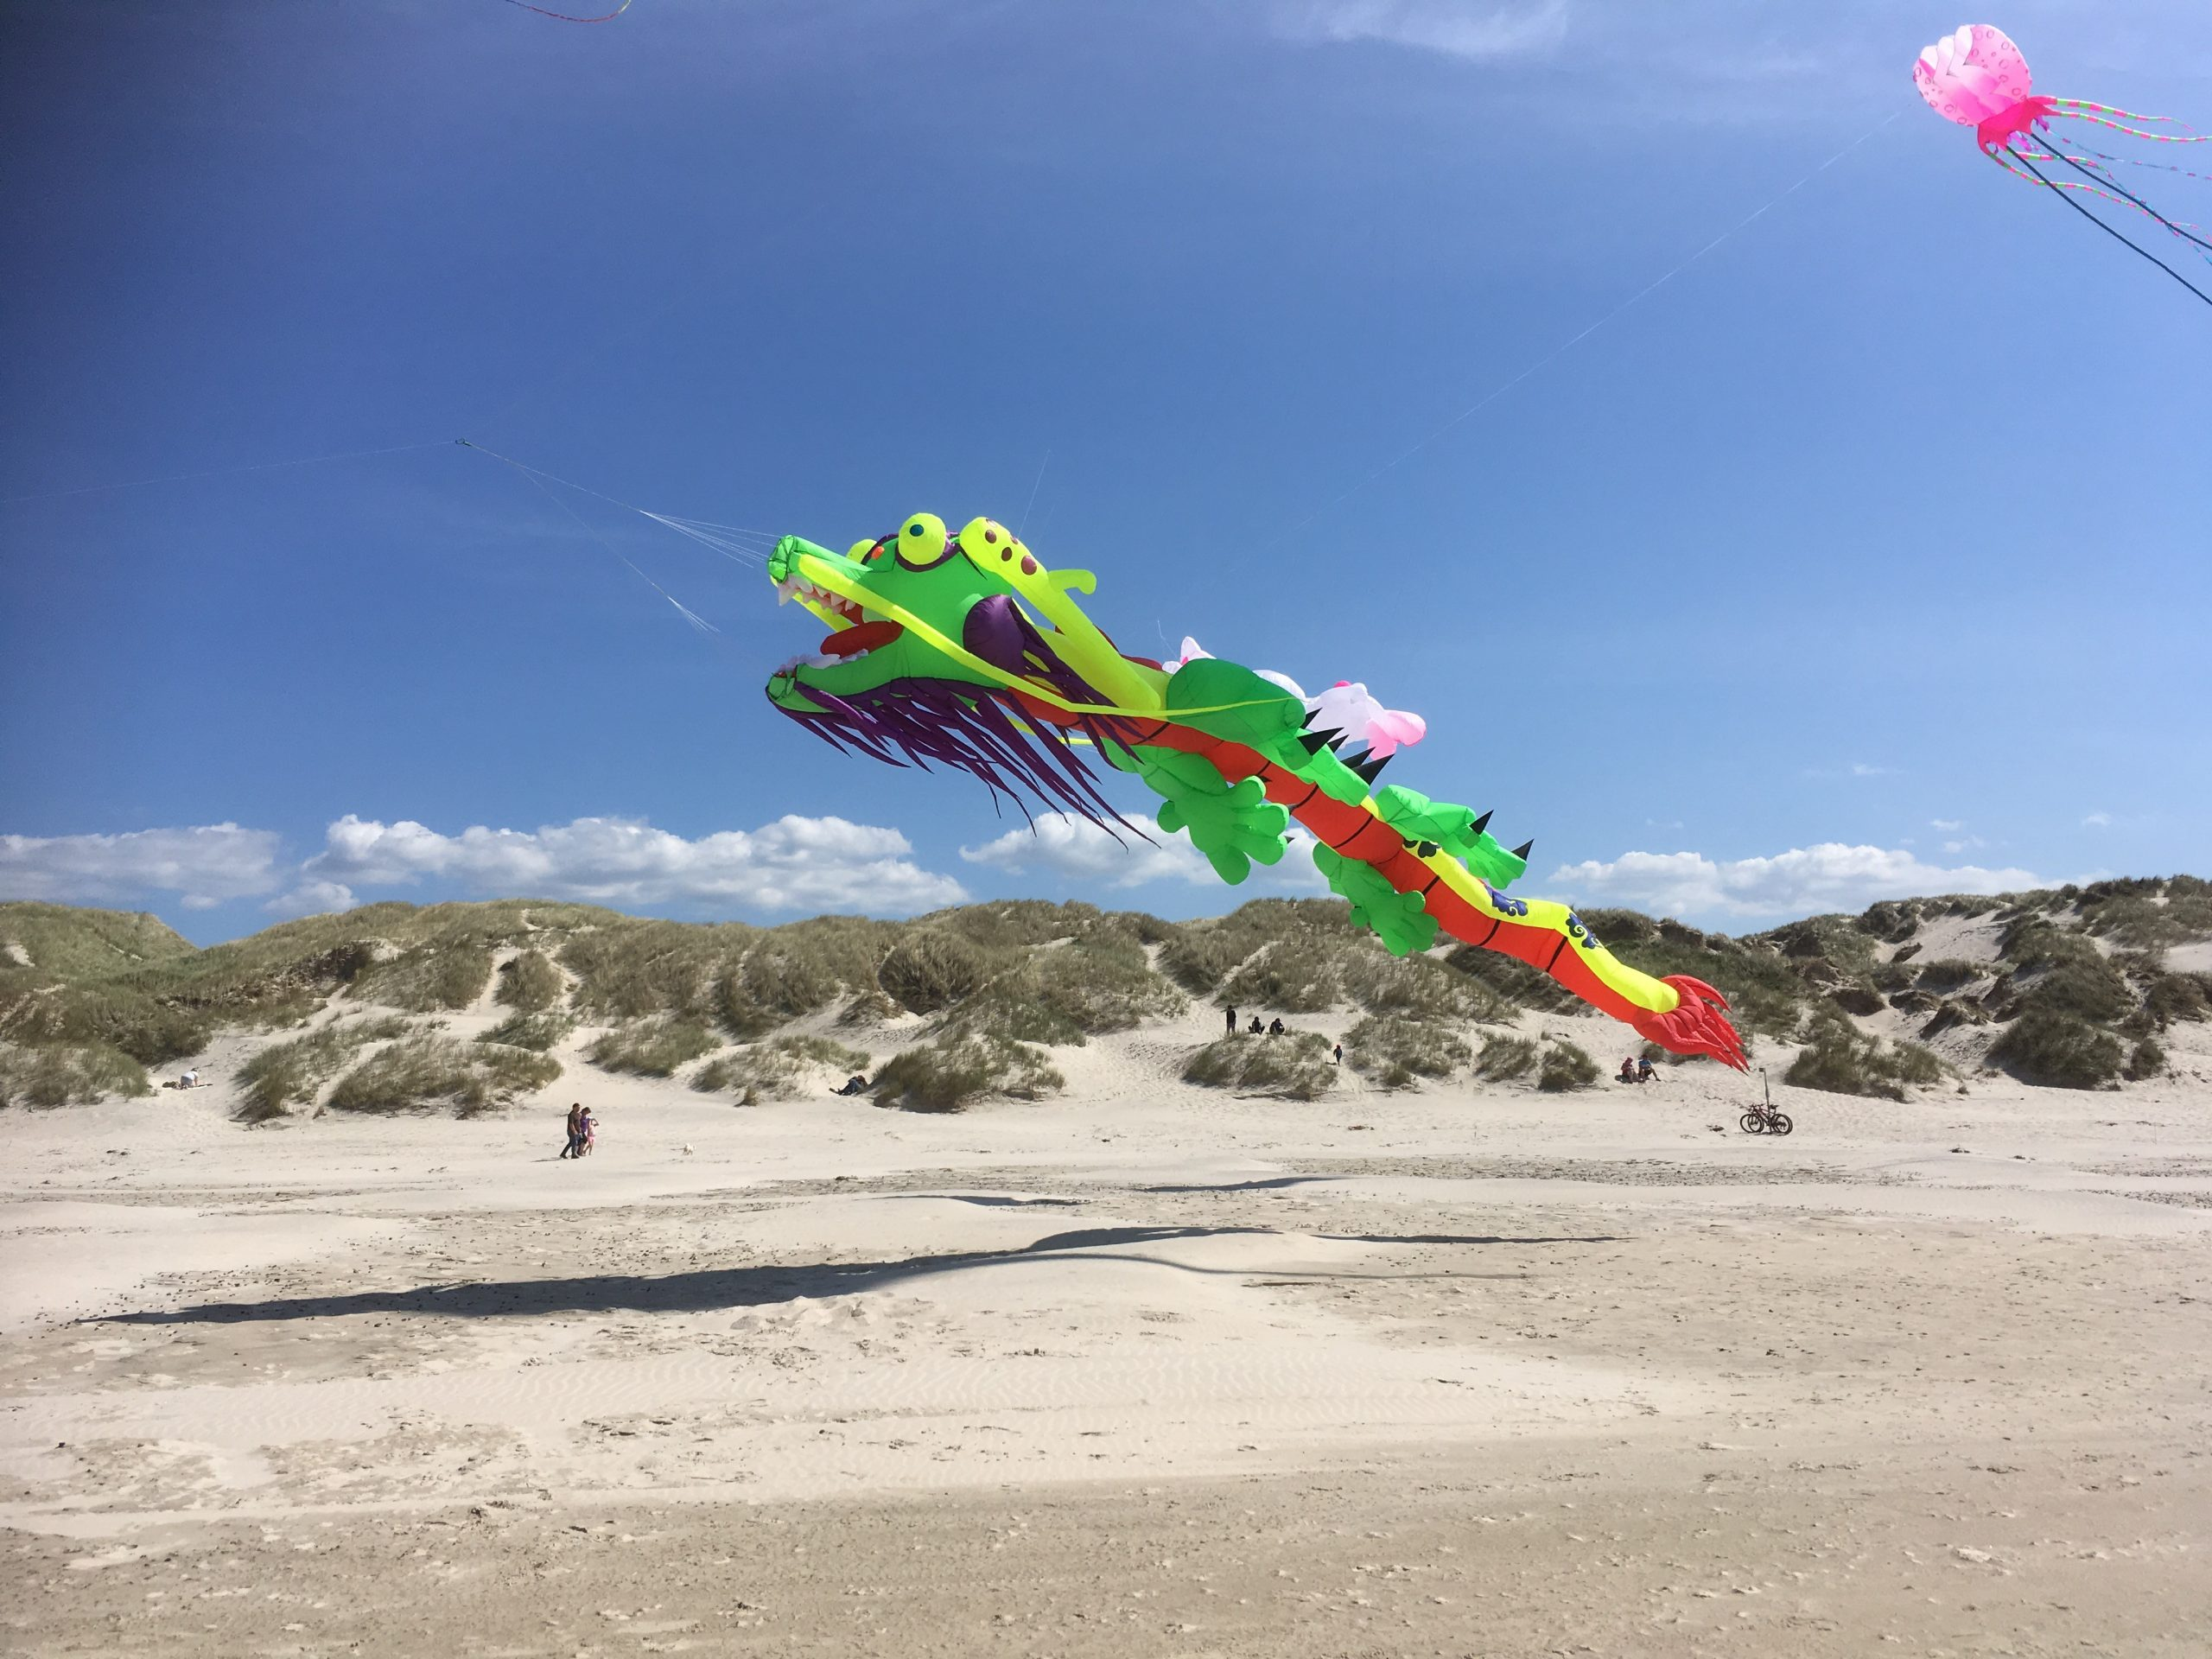 Kort køretur fra Aalborg: Store oplevelser i vente til Wind Festival